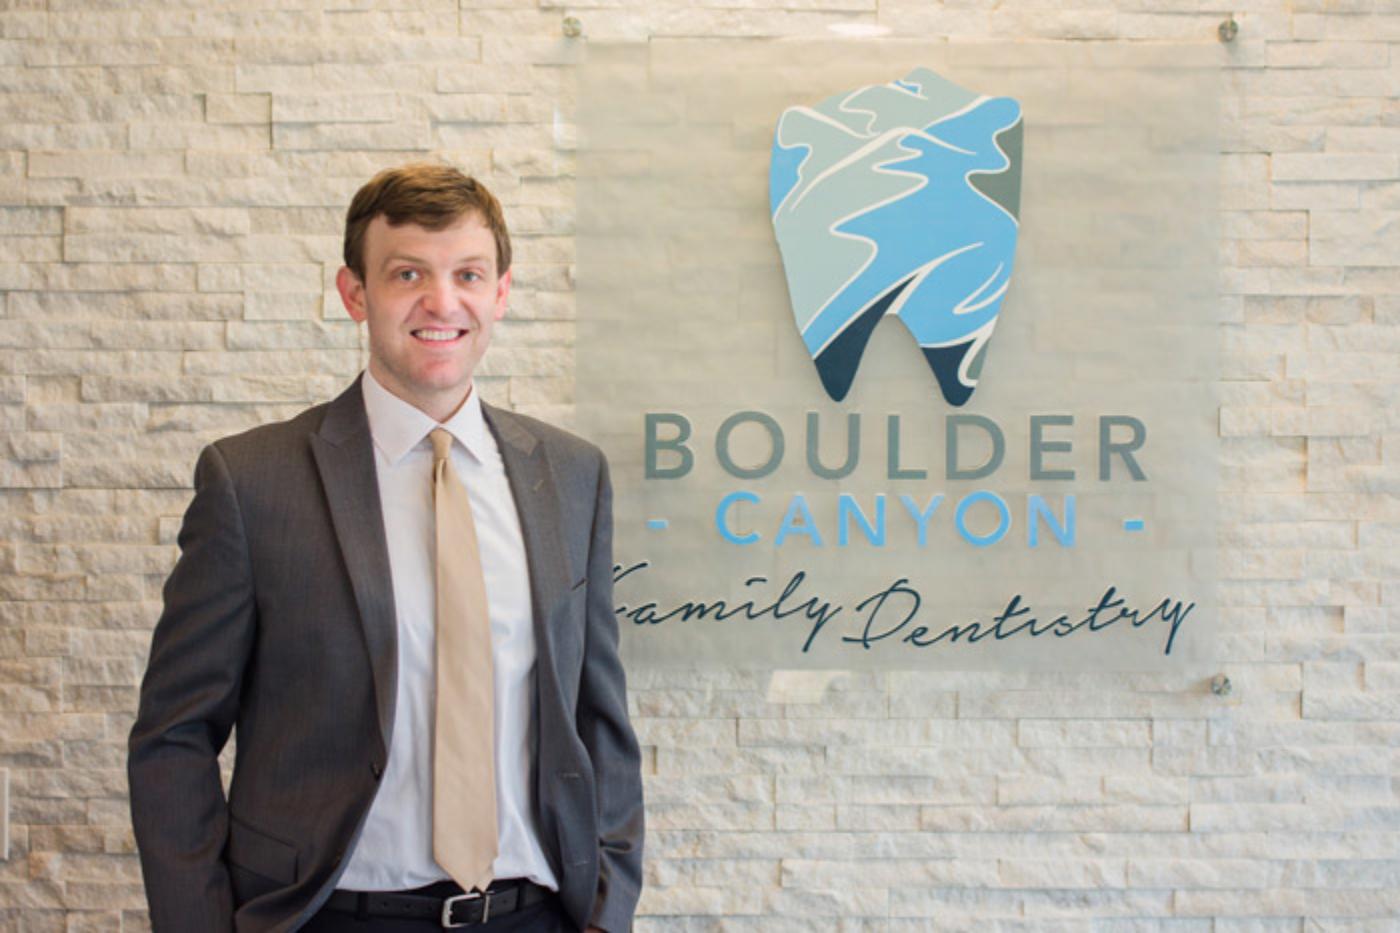 About Boulder Canyon Family Dentistry - Austin, TX - Boulder Canyon